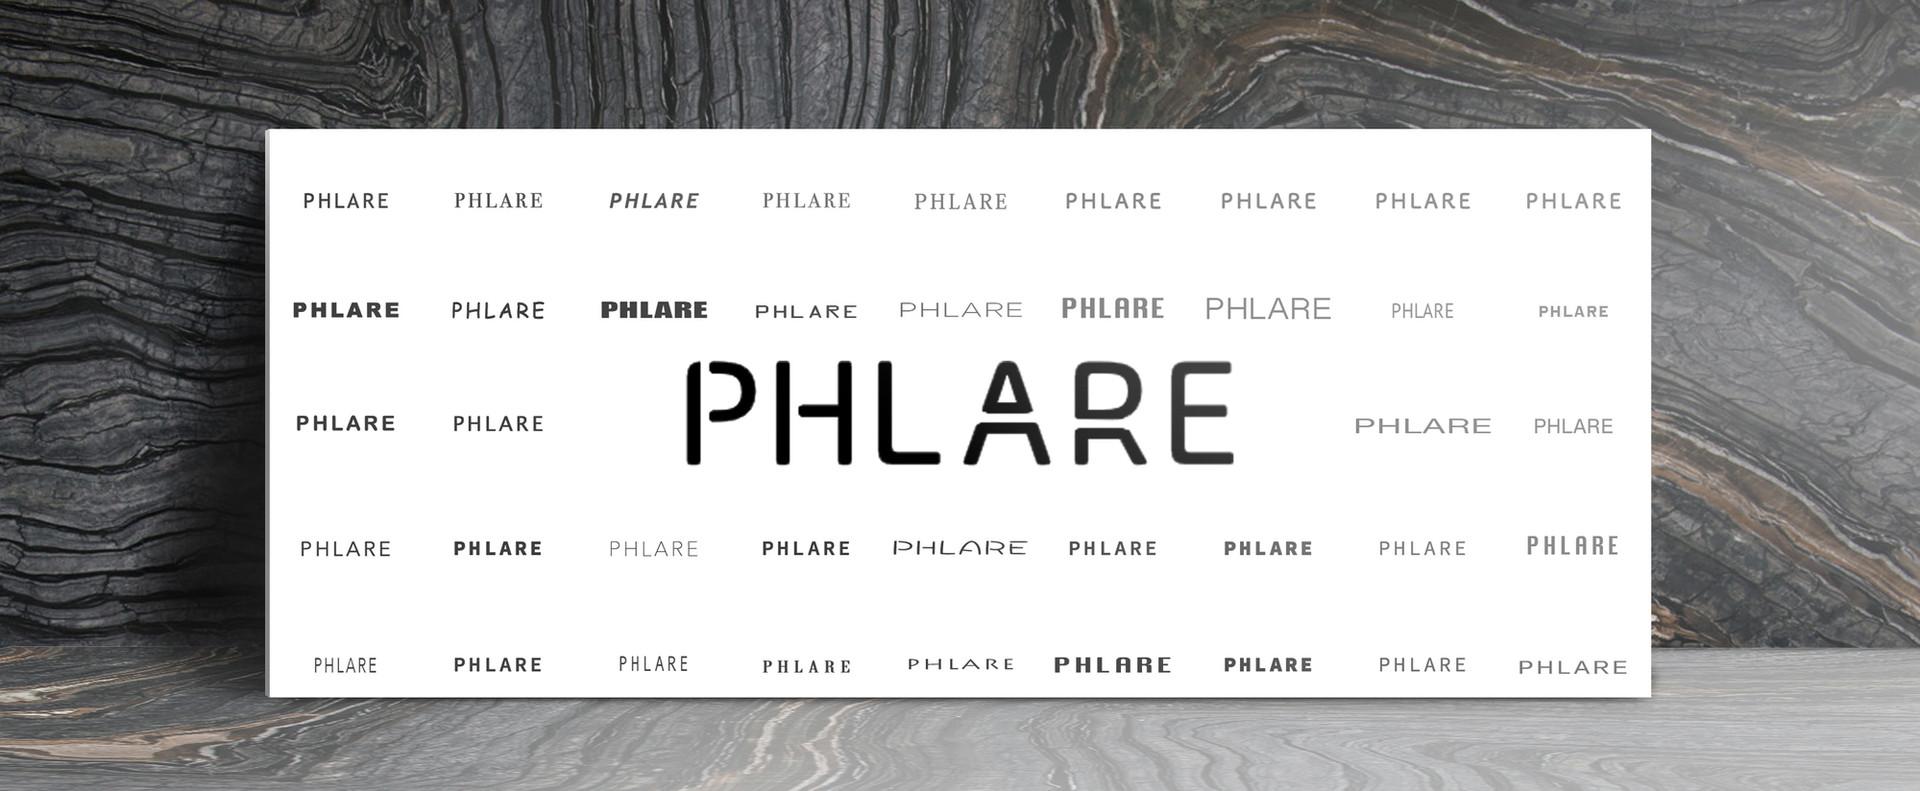 PHLARE LOGO exploration 001.jpg